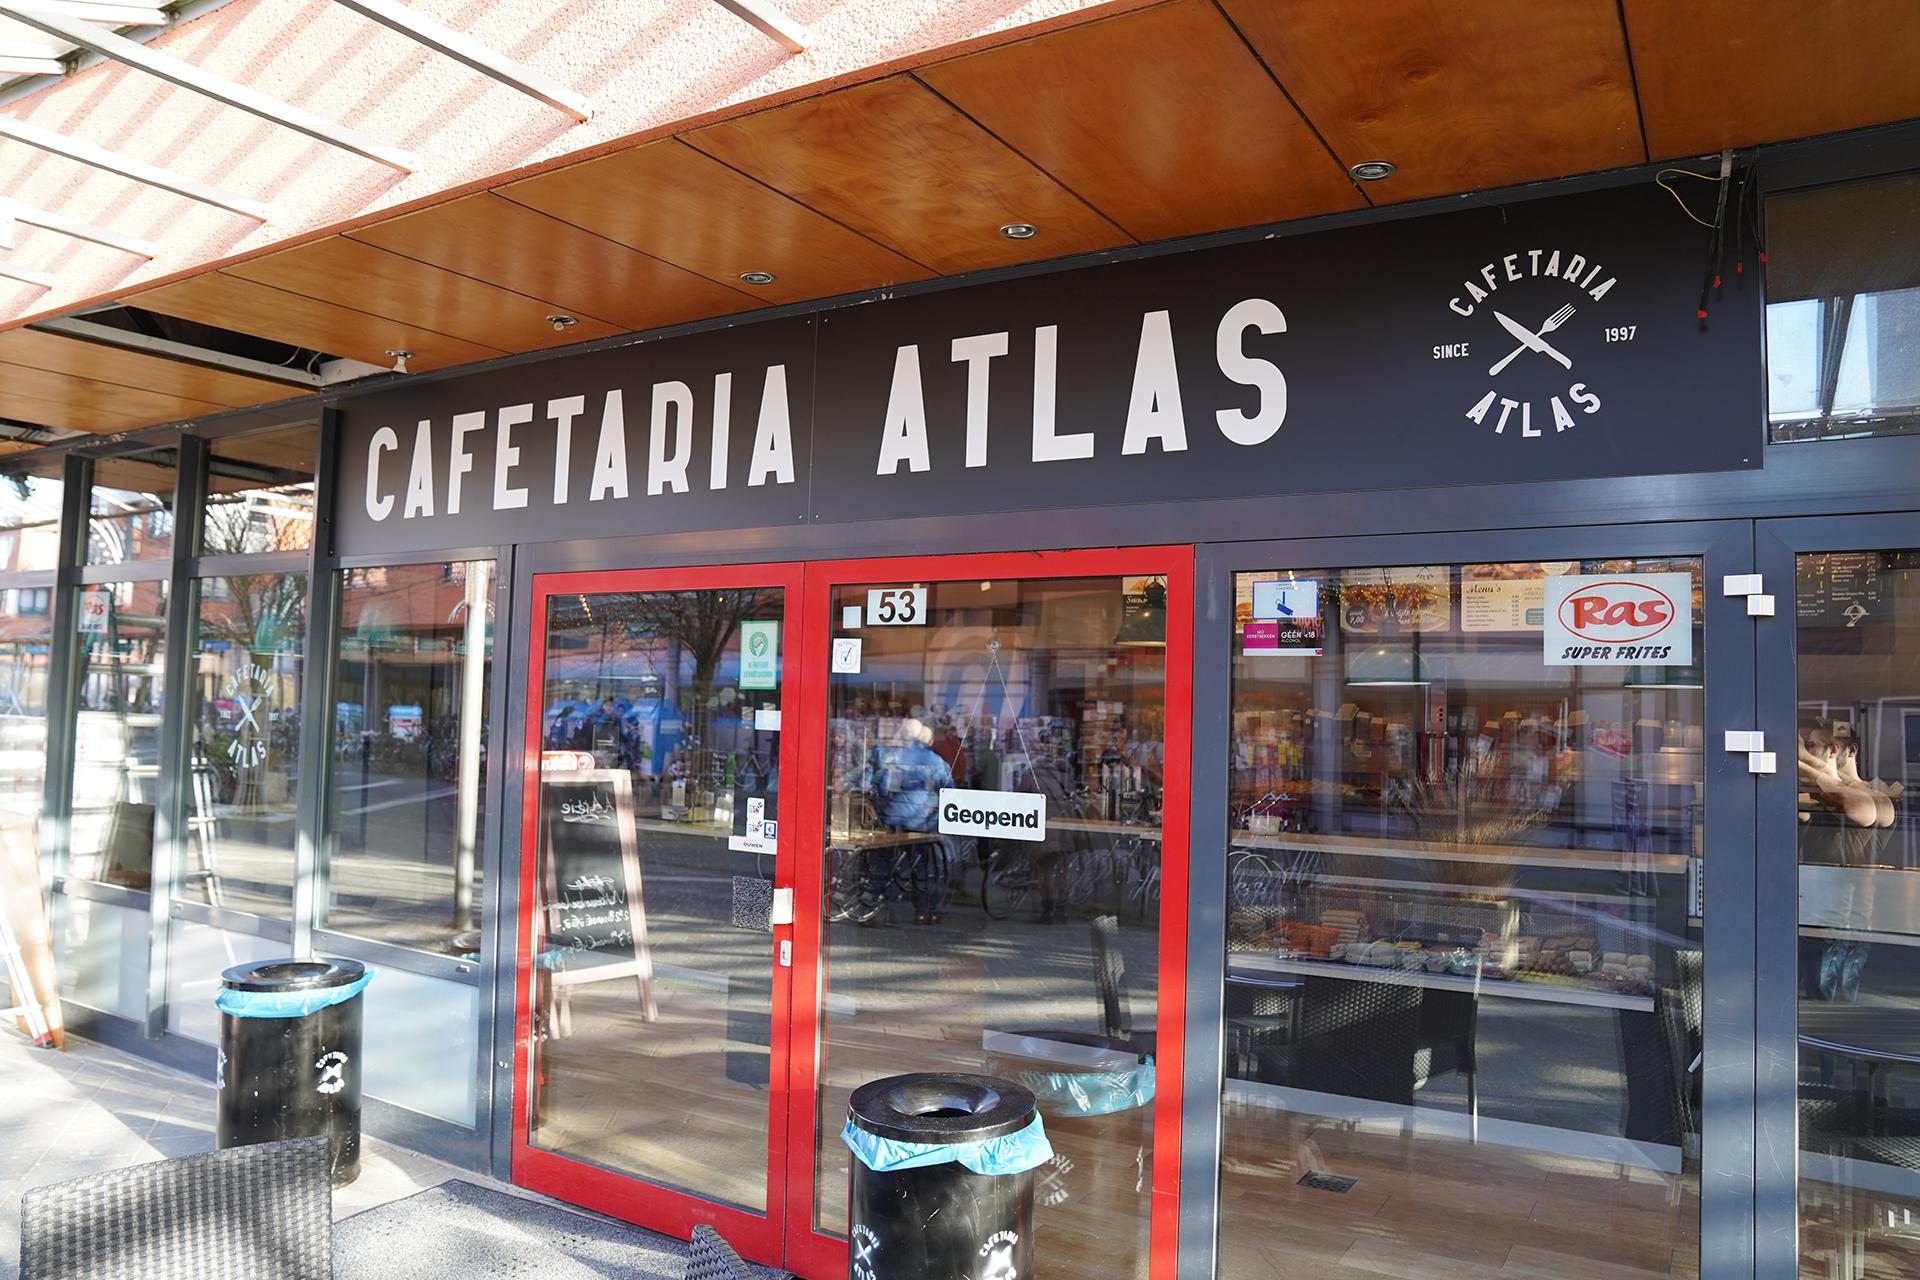 cafetaria atlas snackbar